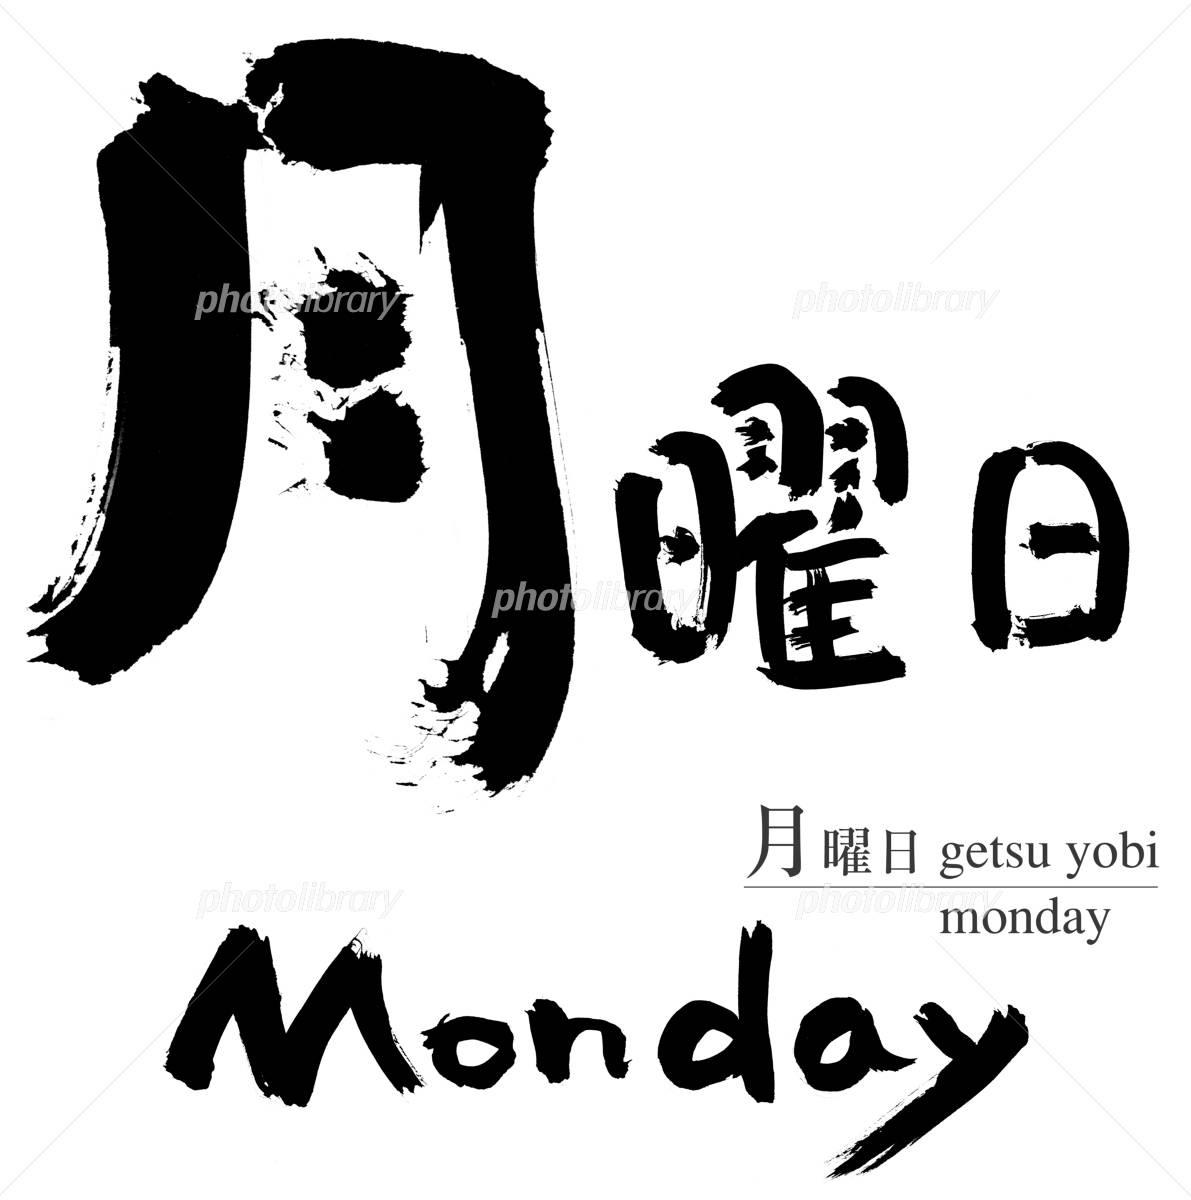 月曜日の筆文字 イラスト素材 [ ...